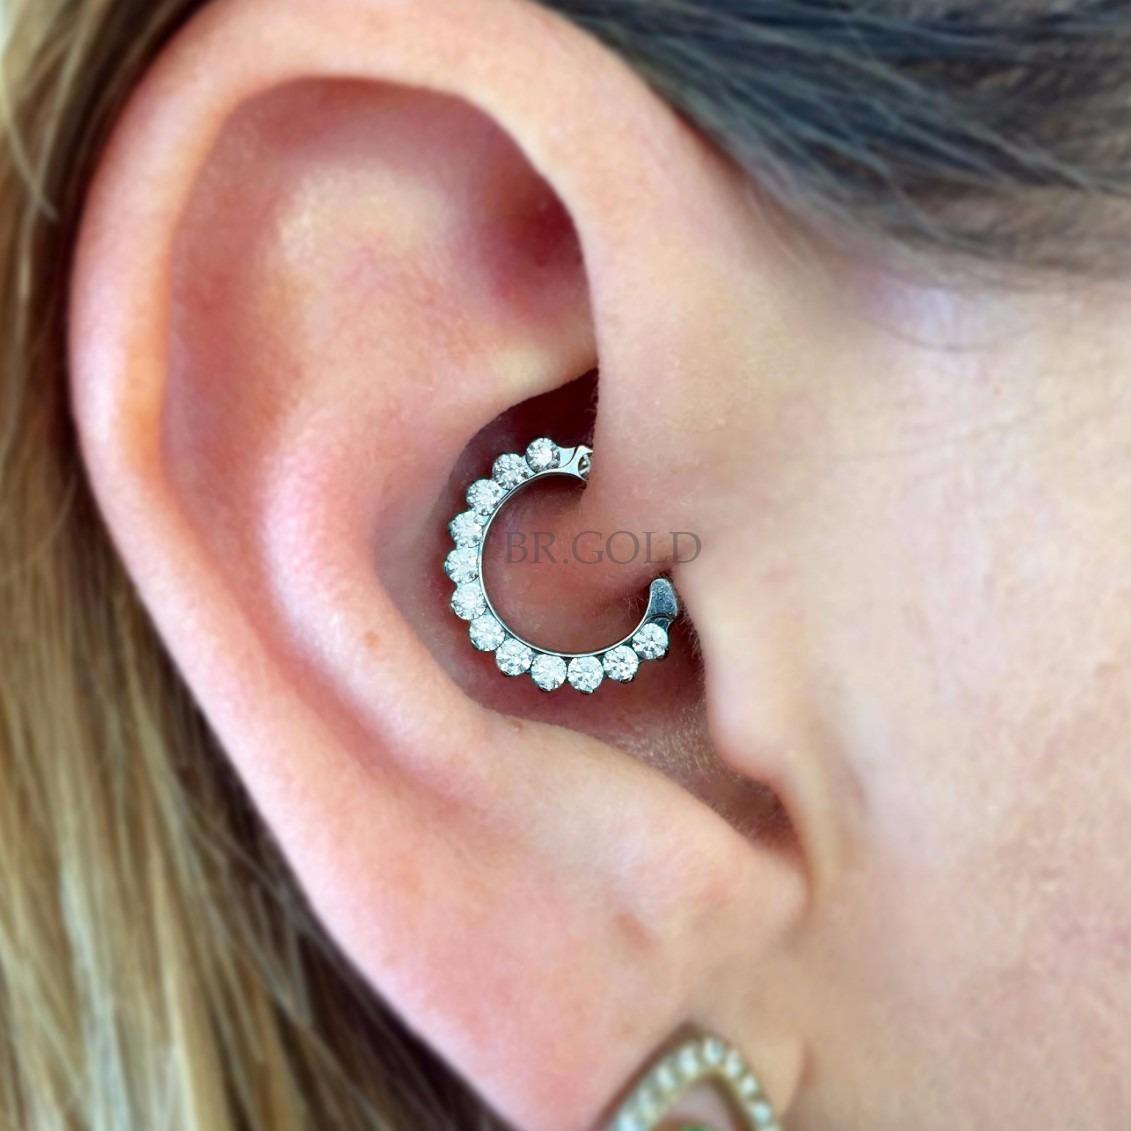 Piercing daith cristal de orelha em a o com banho de r dio - Porta piercing ...